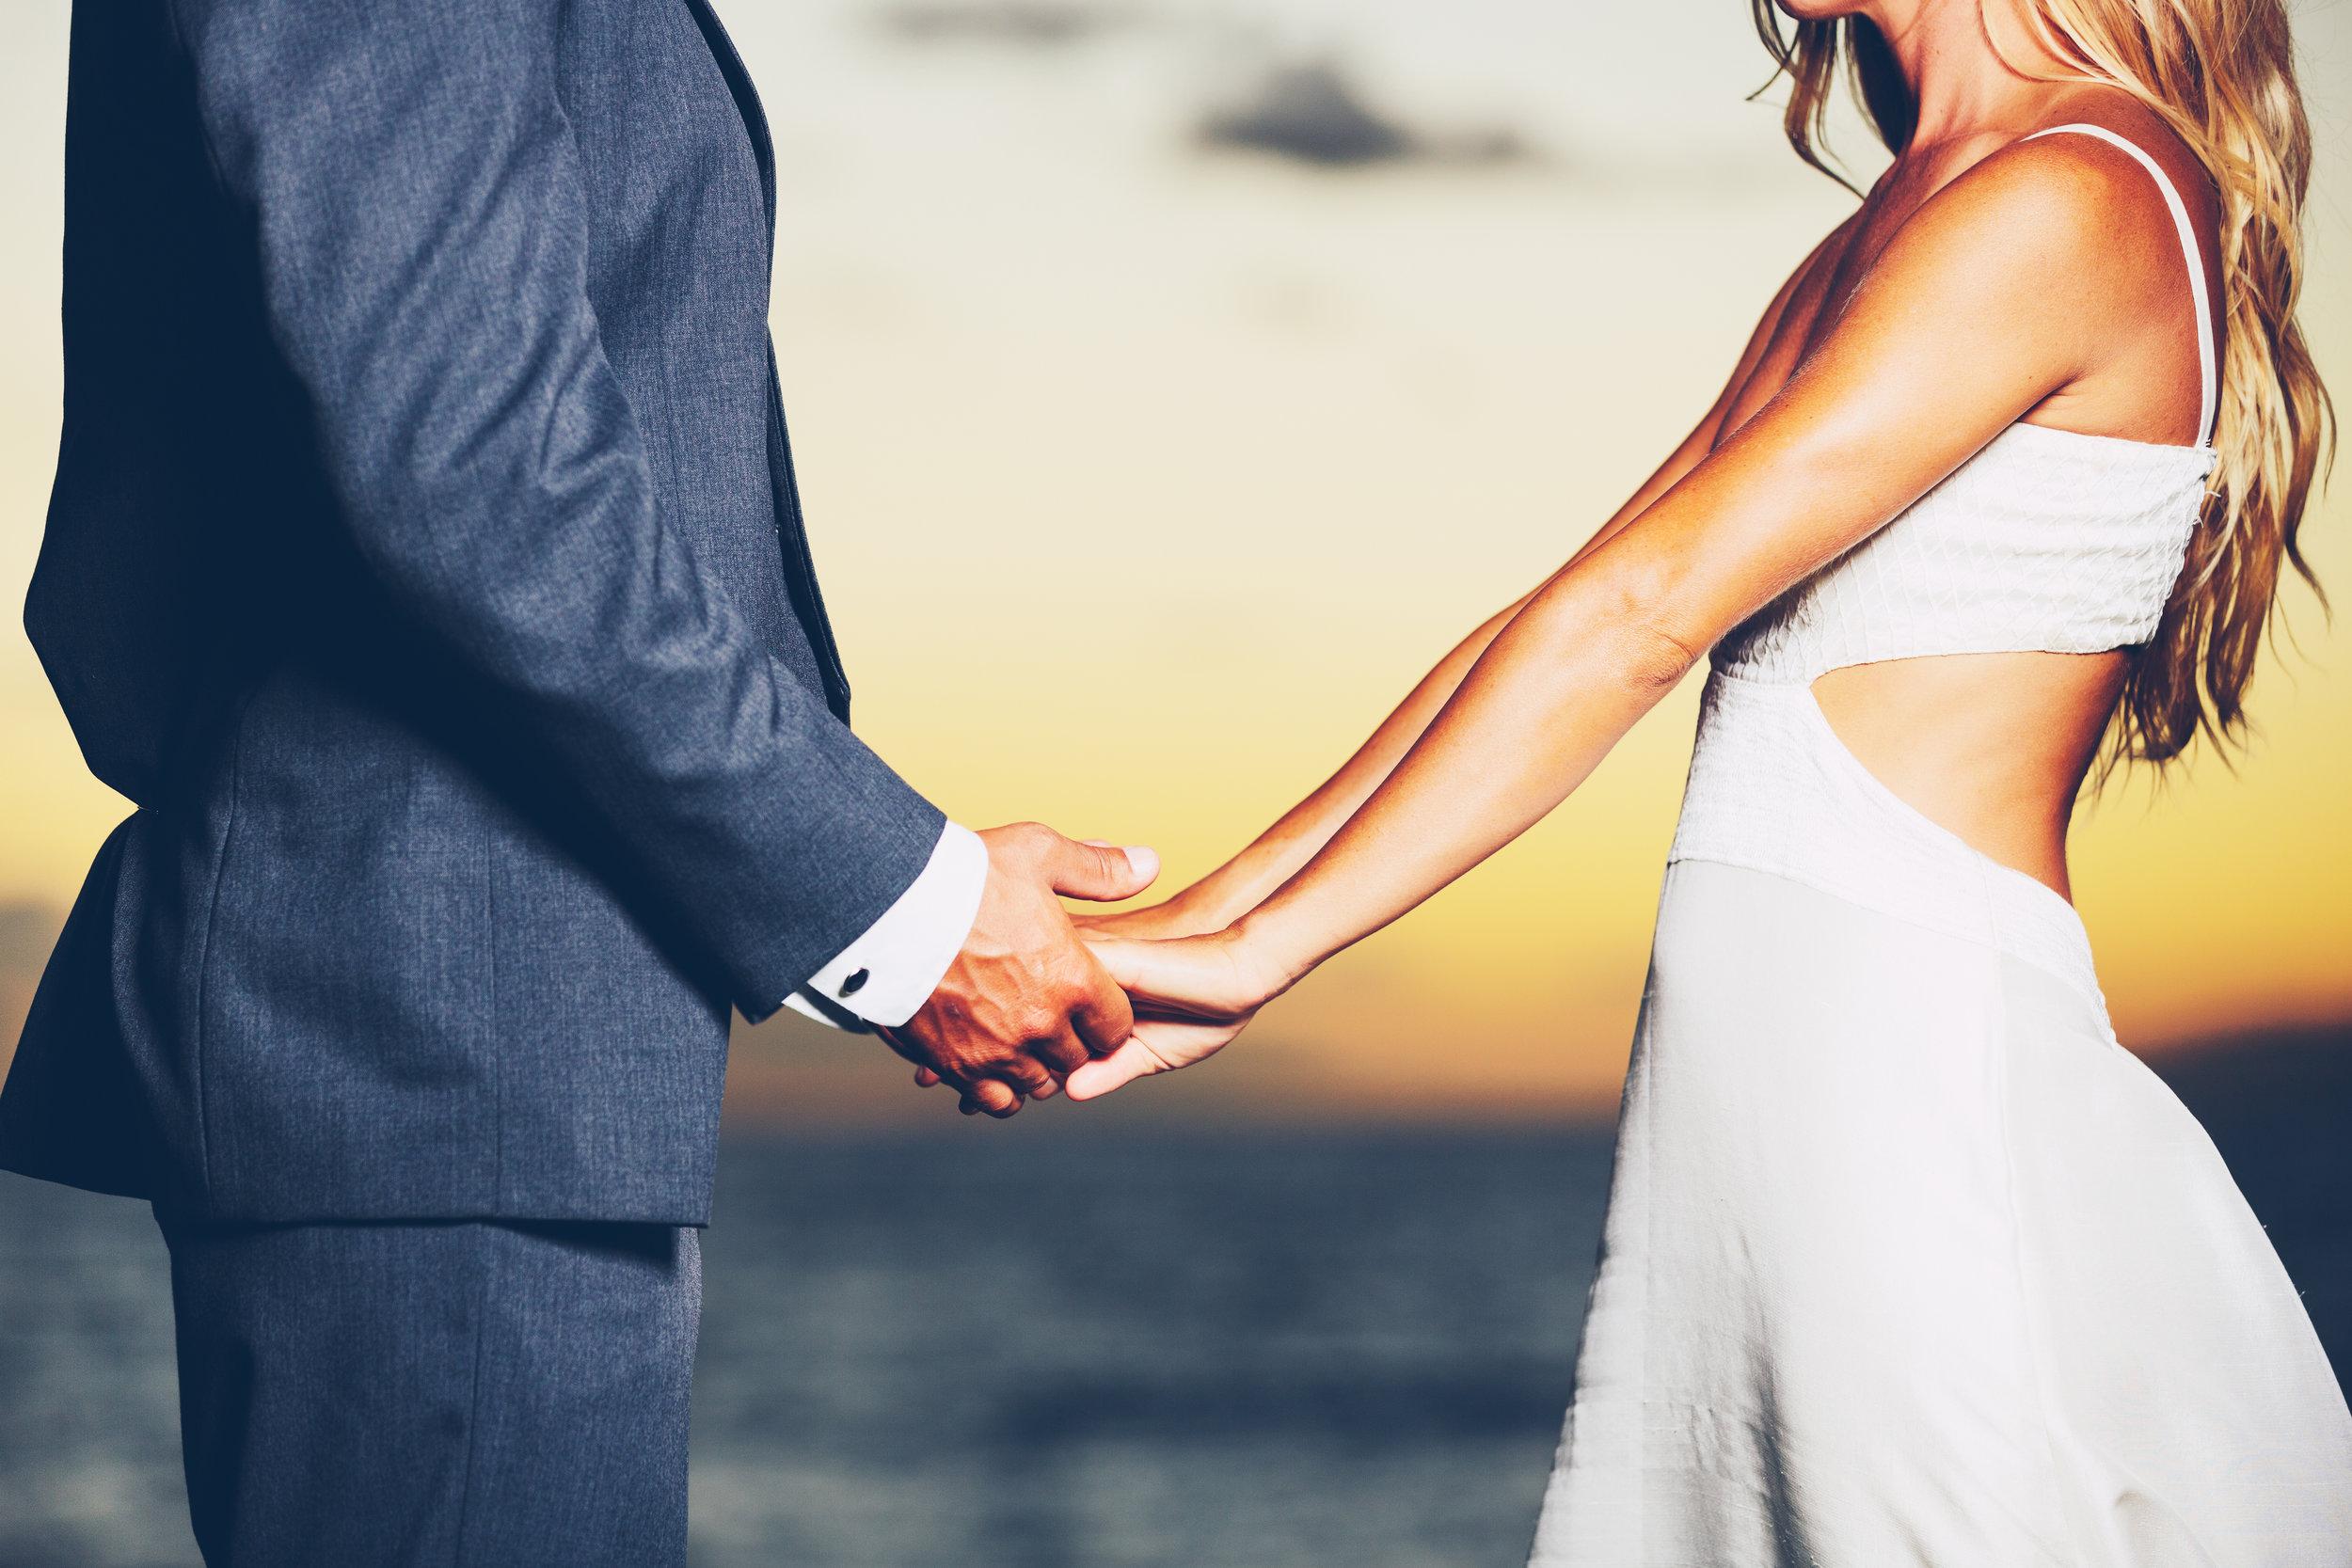 Stefanie Ferguson weds Emmett Keaton - WTF?